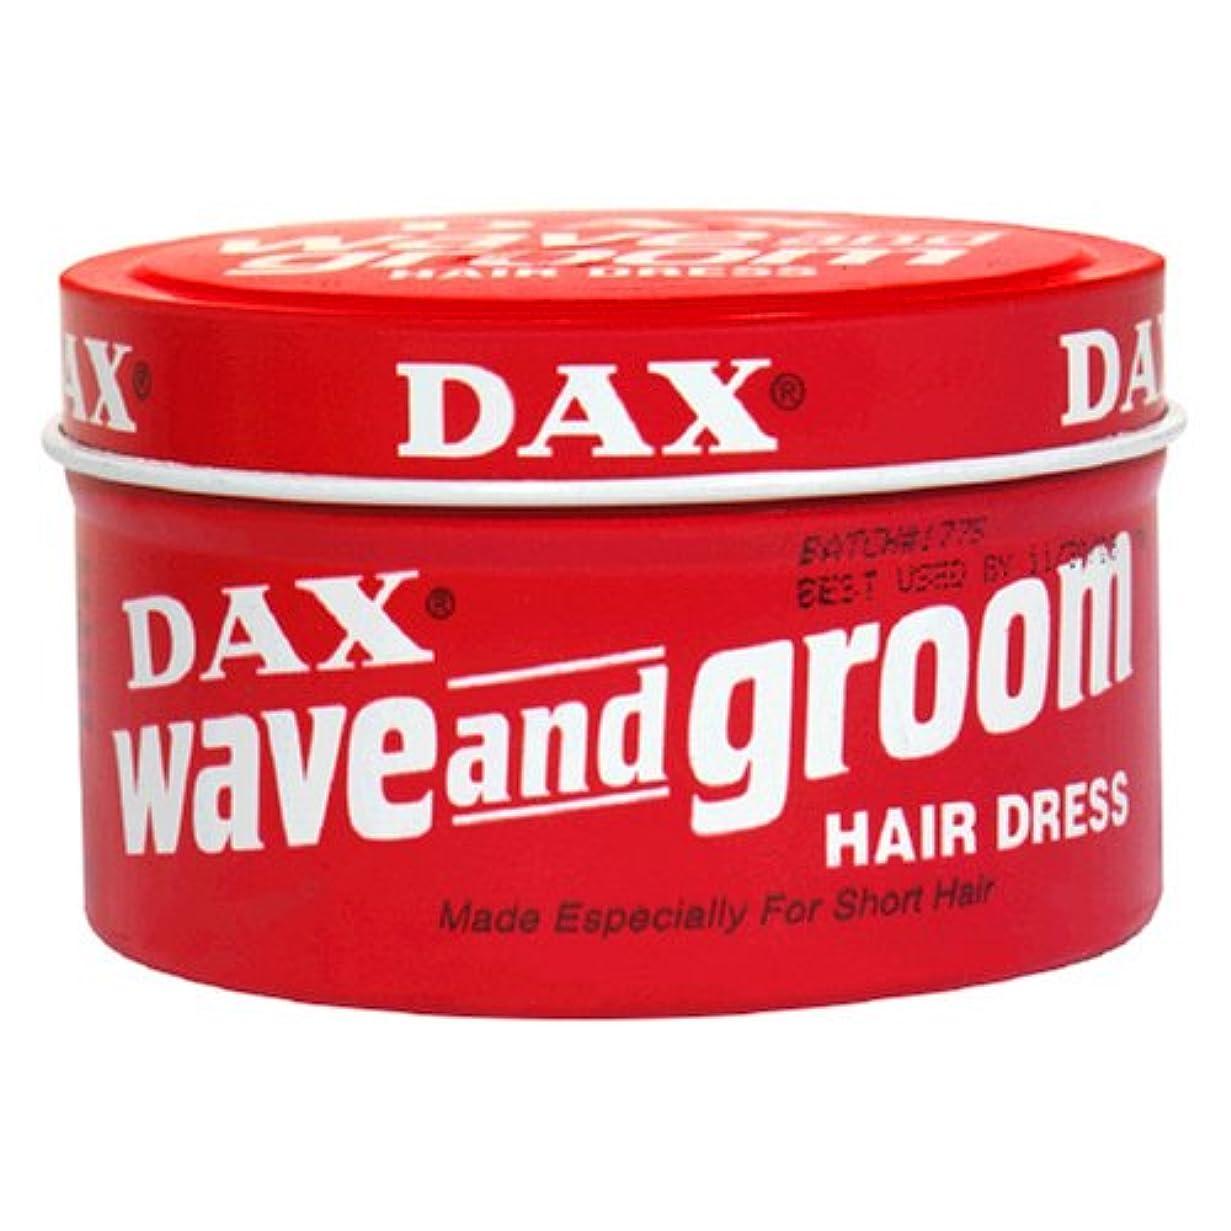 ぼかす反対オペラDax Wave & Groom Hair Dress 99 gm Jar (Case of 6) (並行輸入品)